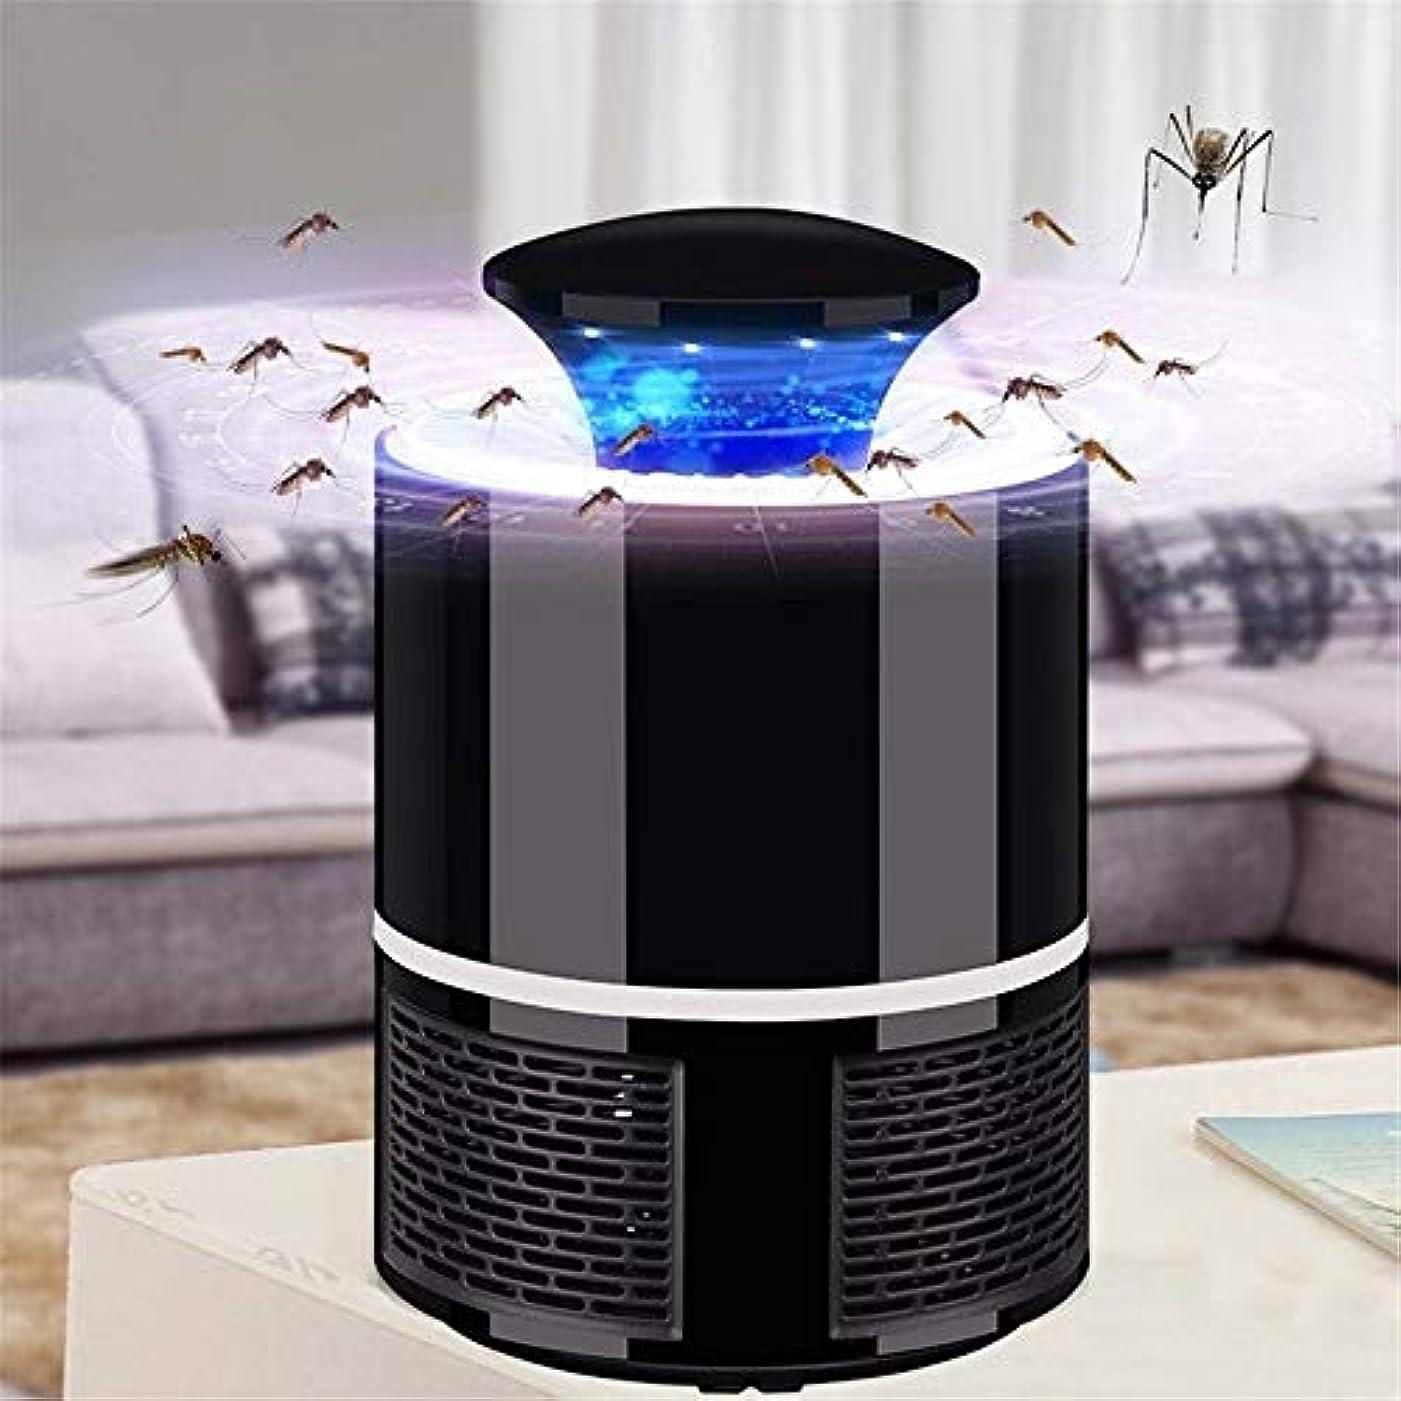 セブン祝福サイドボードROLLMWW 蚊の昆虫のキラーランプ、家の屋外のパティオヤードのためのタイプ低電圧の蚊のキラーライト電気周囲のはえのキラー電球 (色 : ブラック)